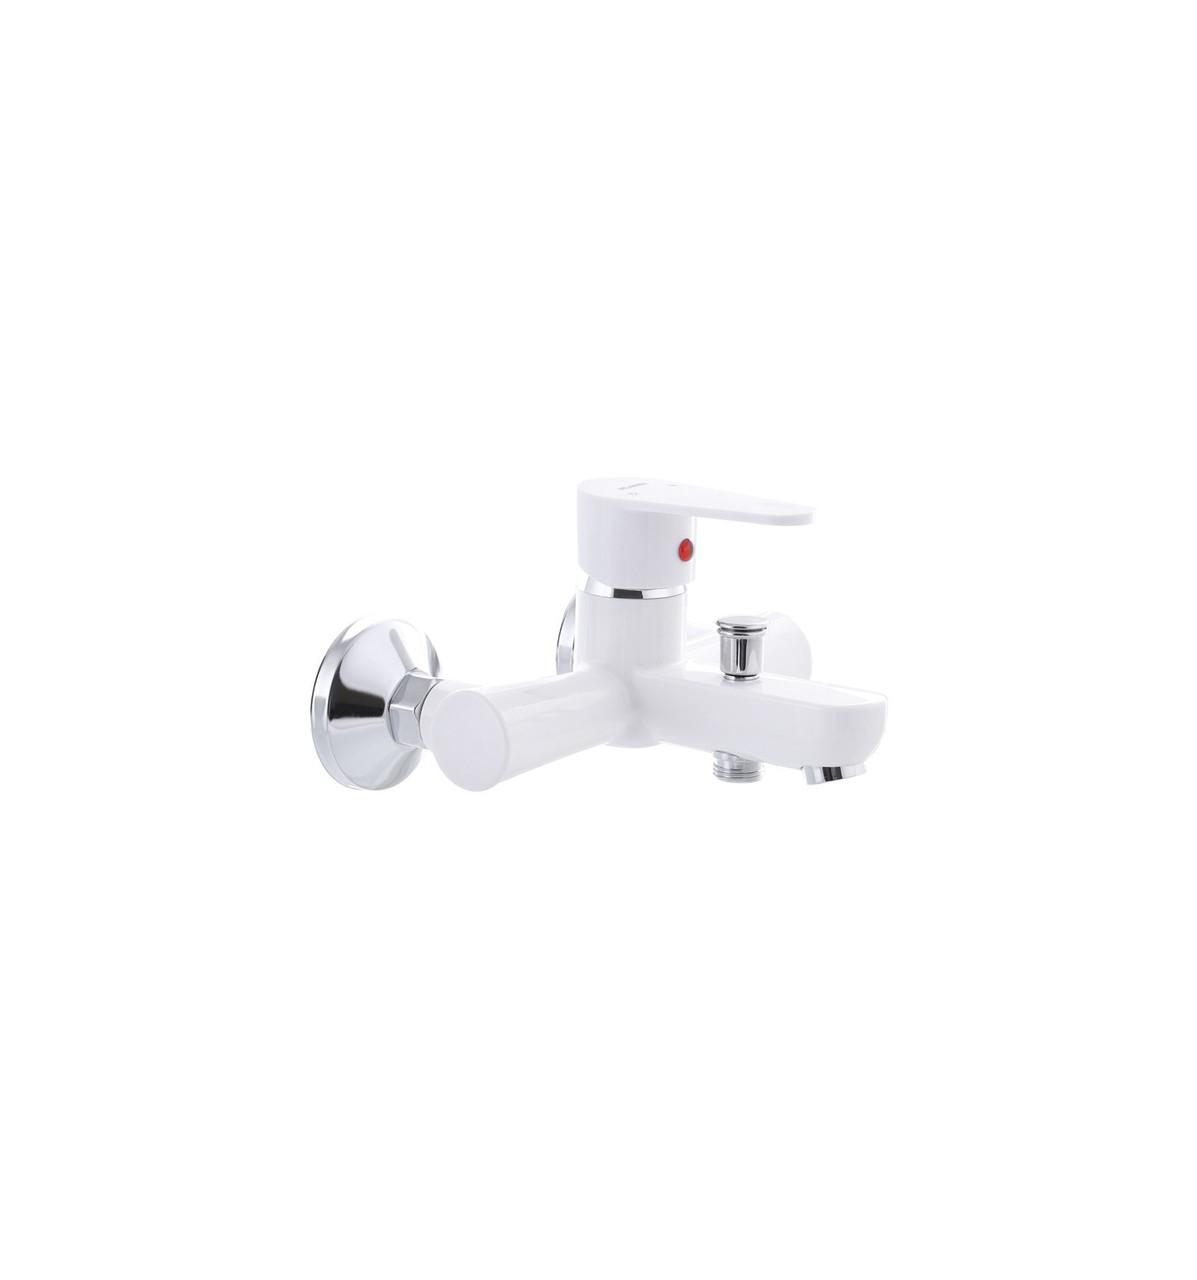 Смеситель для ванны PLAMIX VEGA-009 White